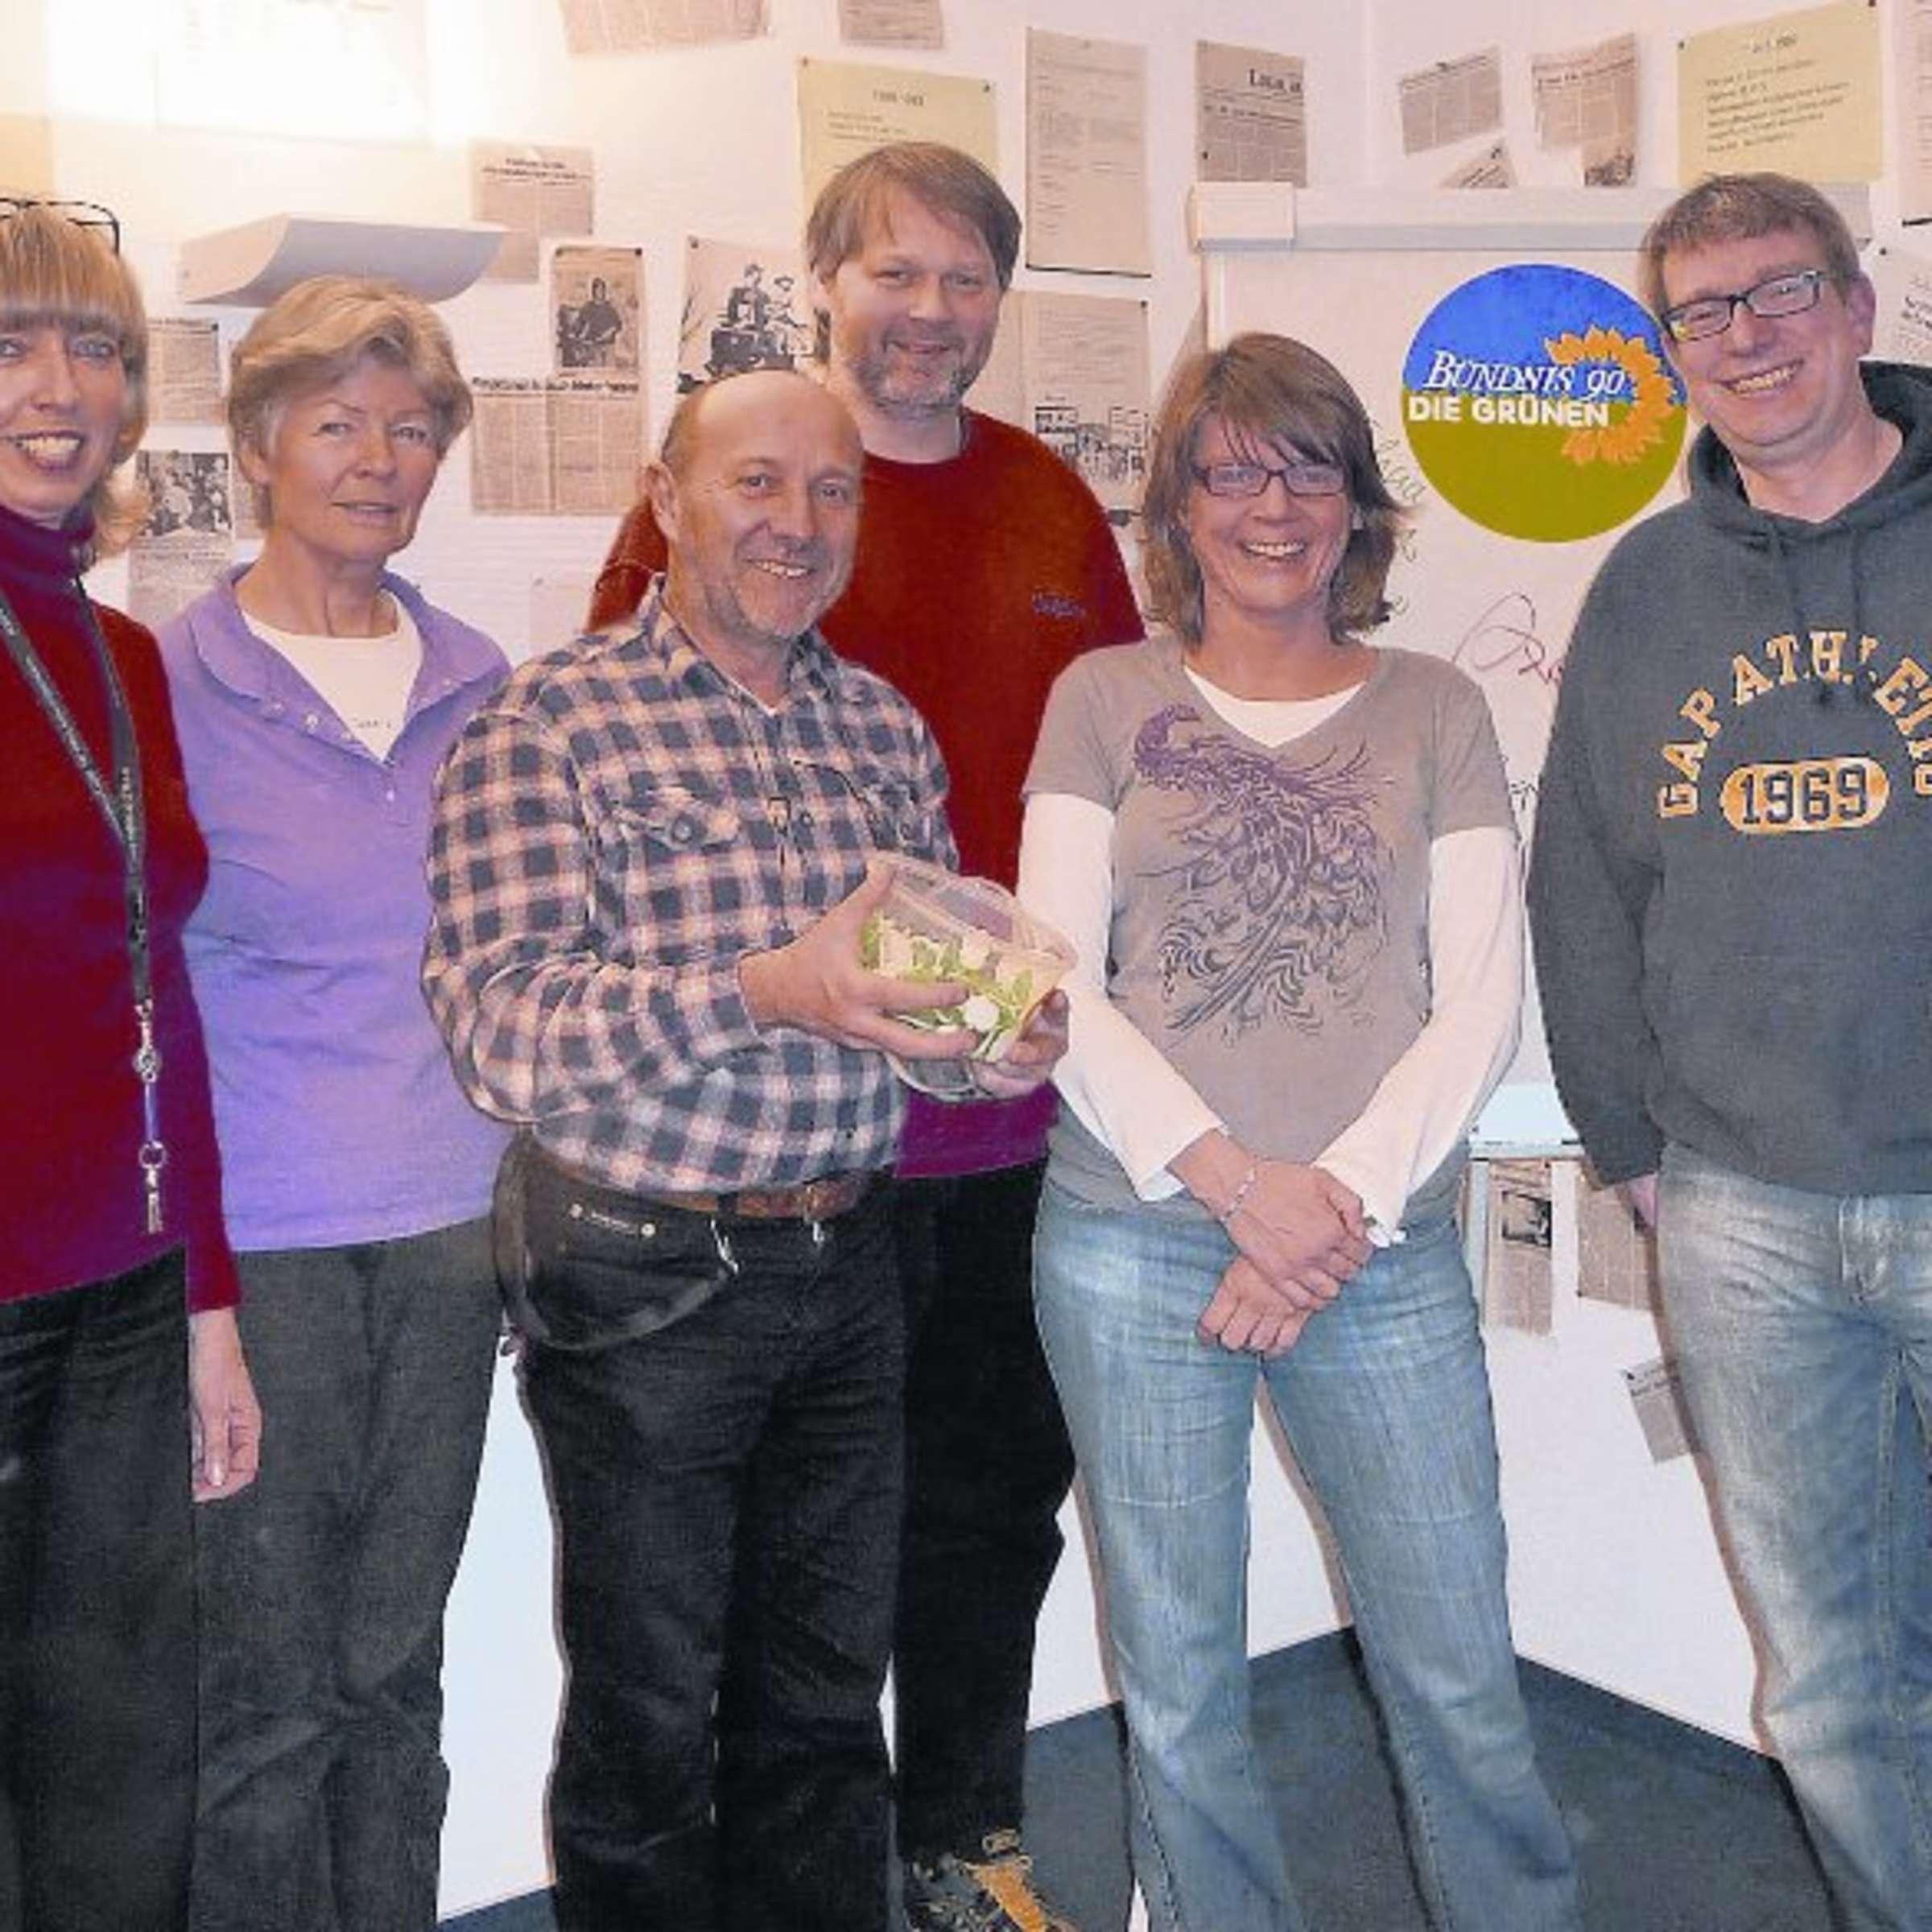 Obertshausener Grune Ziehen Mit Greenteam In Den Kommunalwahlkampf Und Wollen 2011 Zulegen Obertshausen